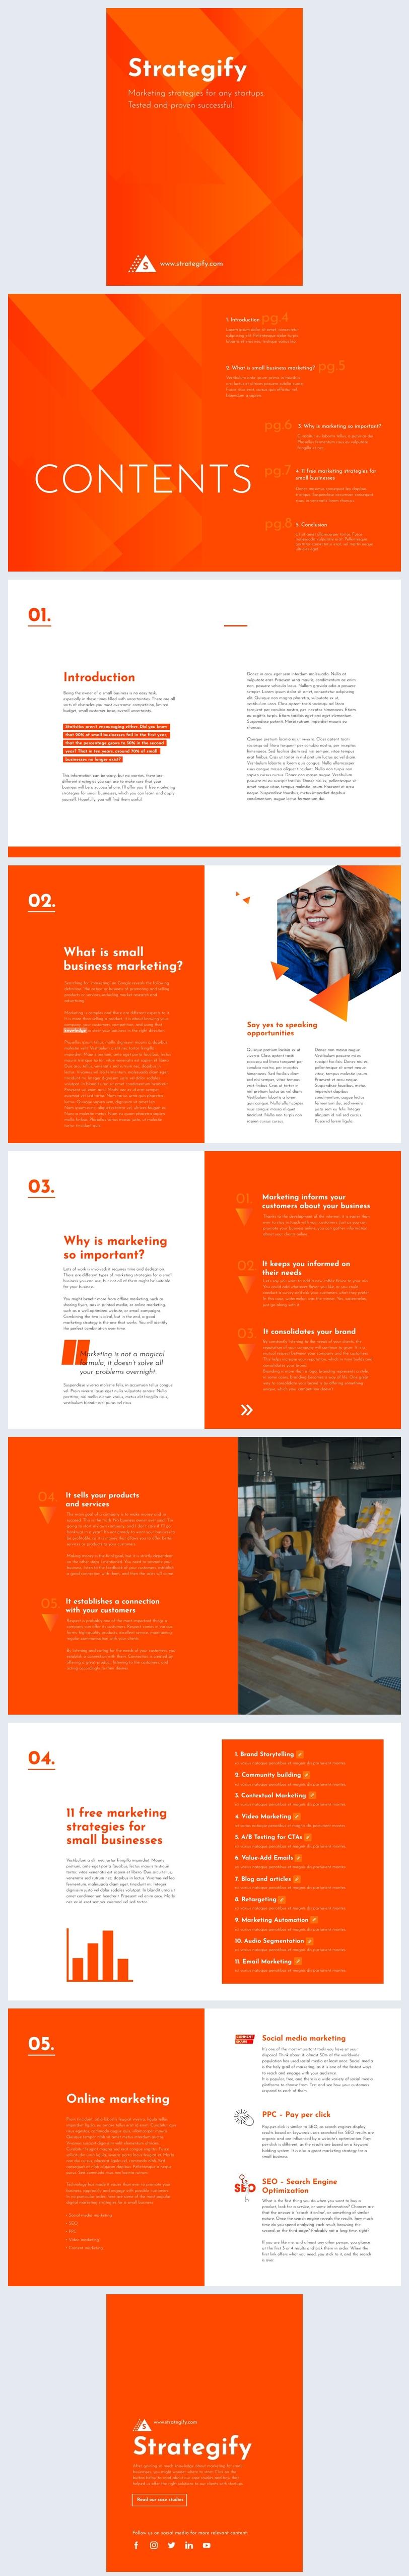 Muestra de diseño gratis para Ebook de marketing digital